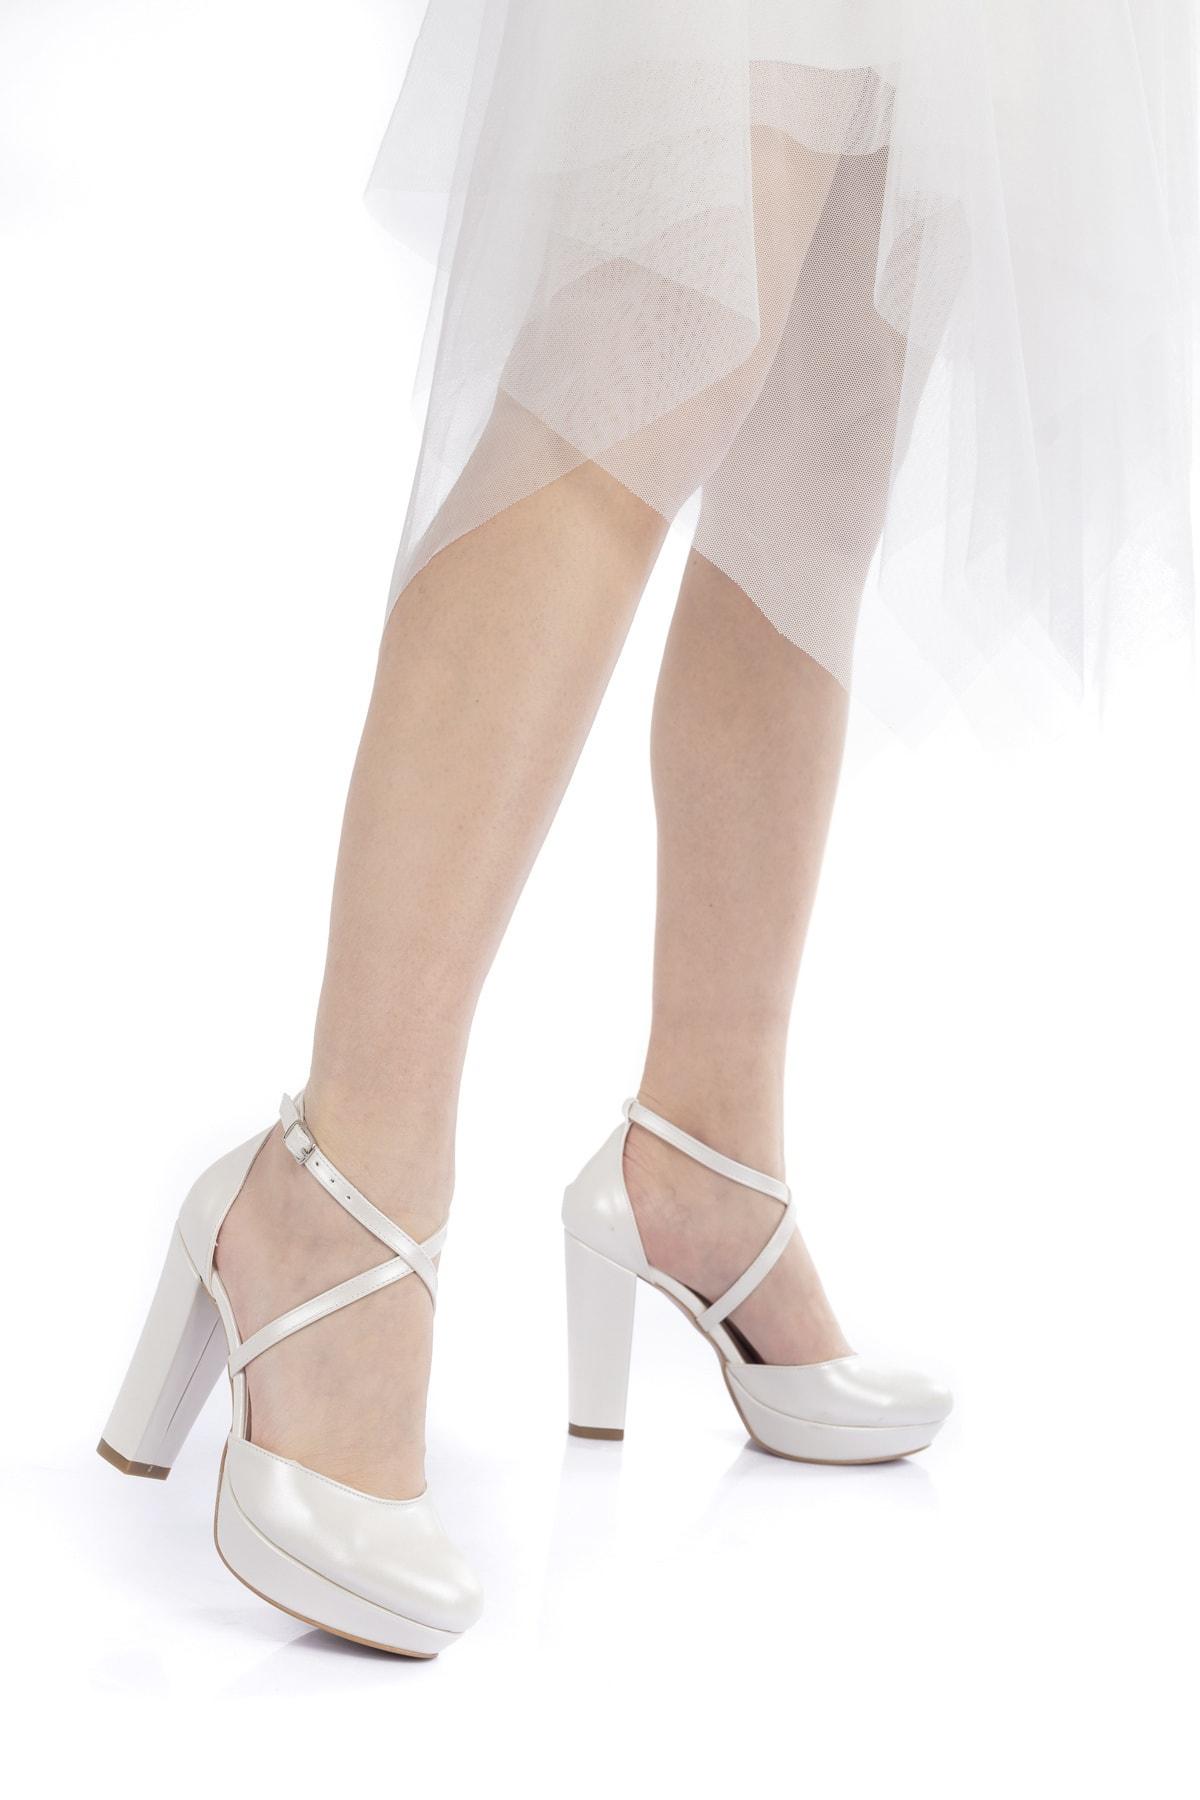 Çnr&Dvs Sedef Cilt Kadın Abiye Ayakkabı 2010cnr 1